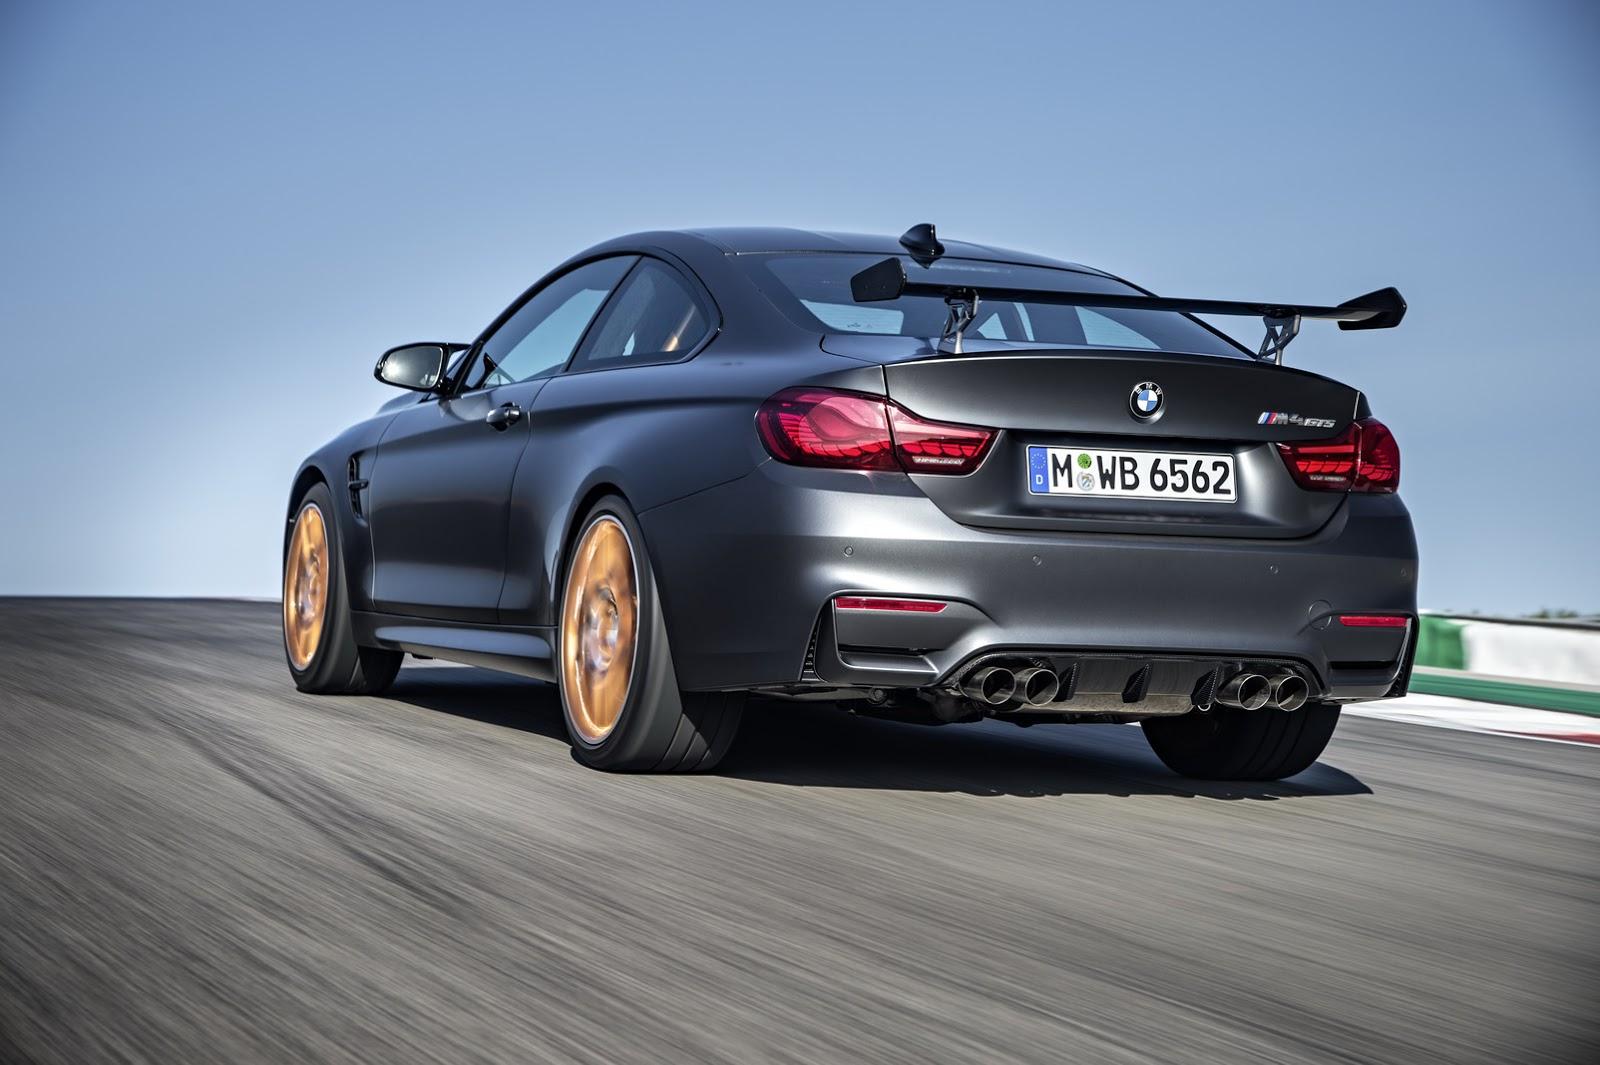 El futuro de los BMW M pasa por la hibridación 2